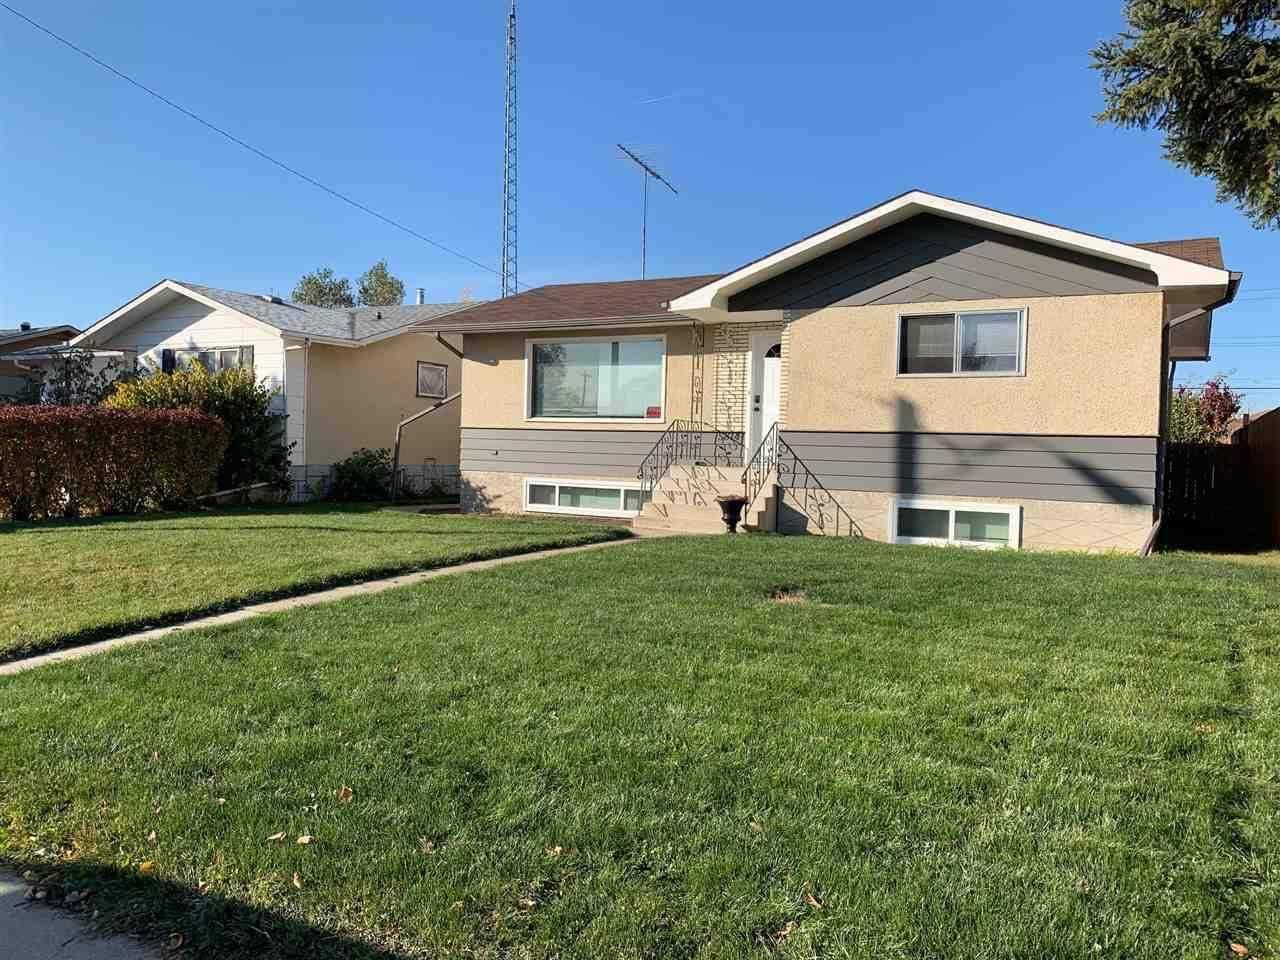 House for sale at 5814 51street  Vegreville Alberta - MLS: E4195591